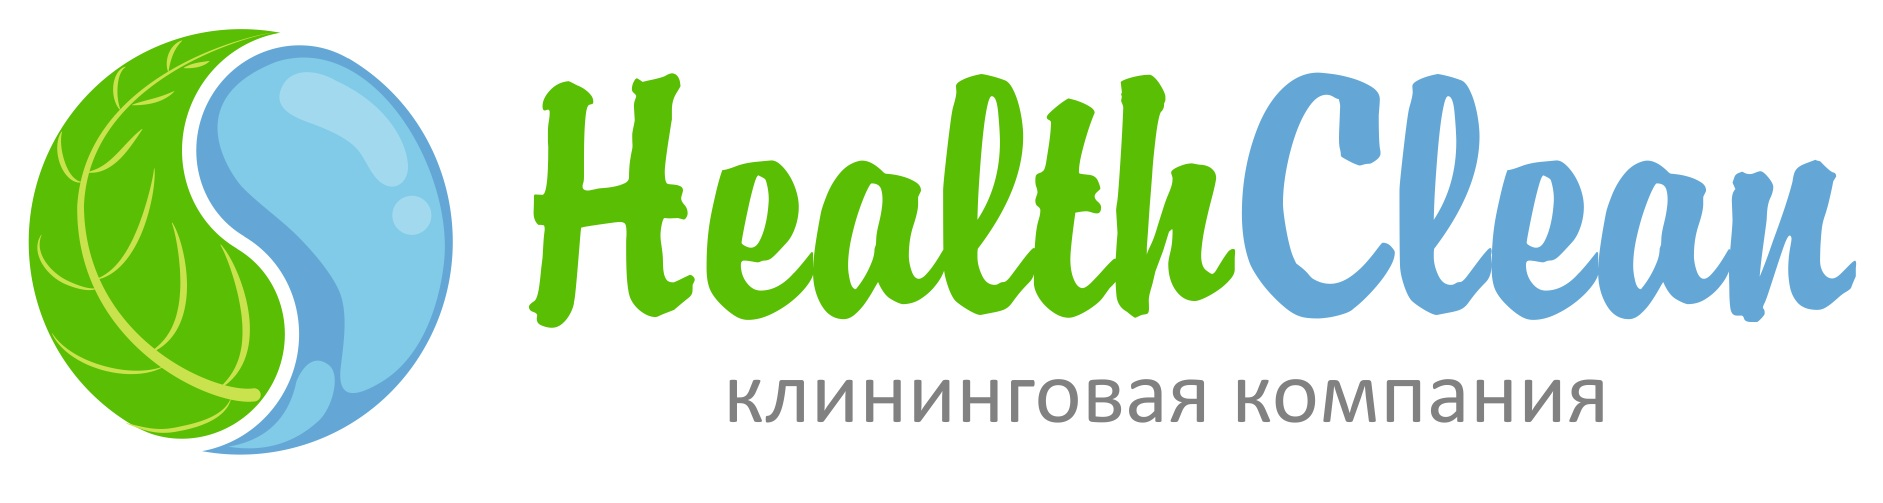 Healthclean